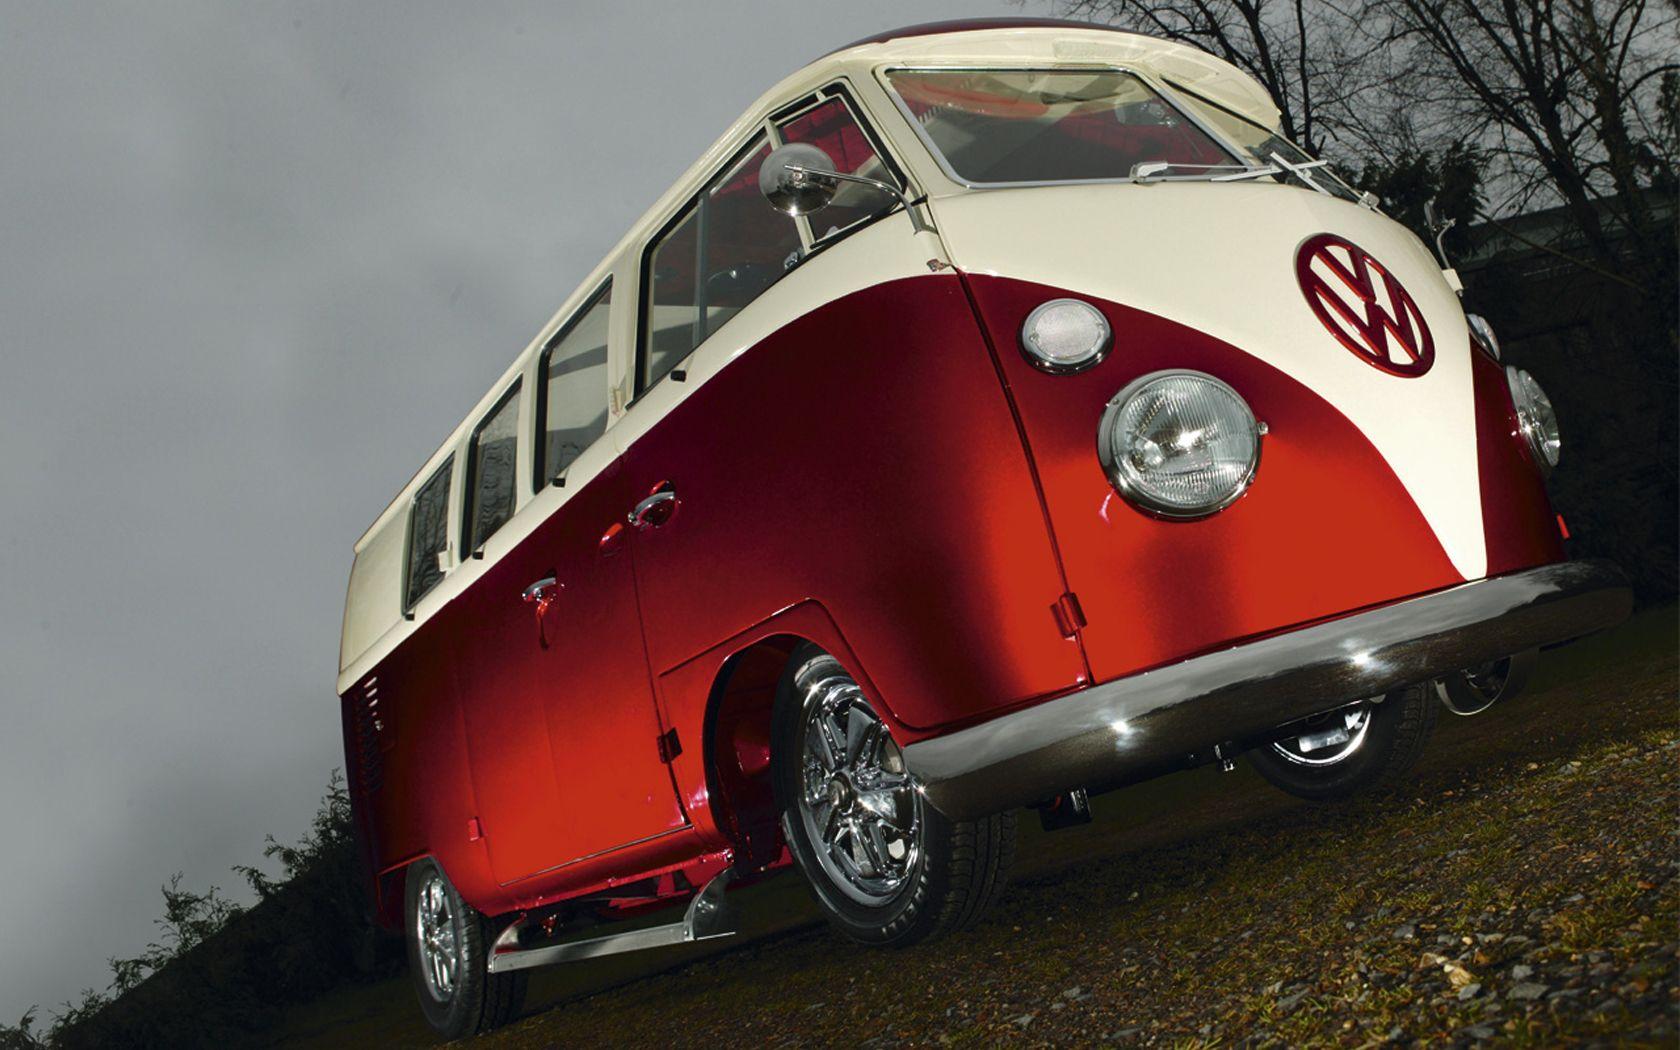 vw red volkswagen combi van bus wallpaper 1680x1050 1680x1050